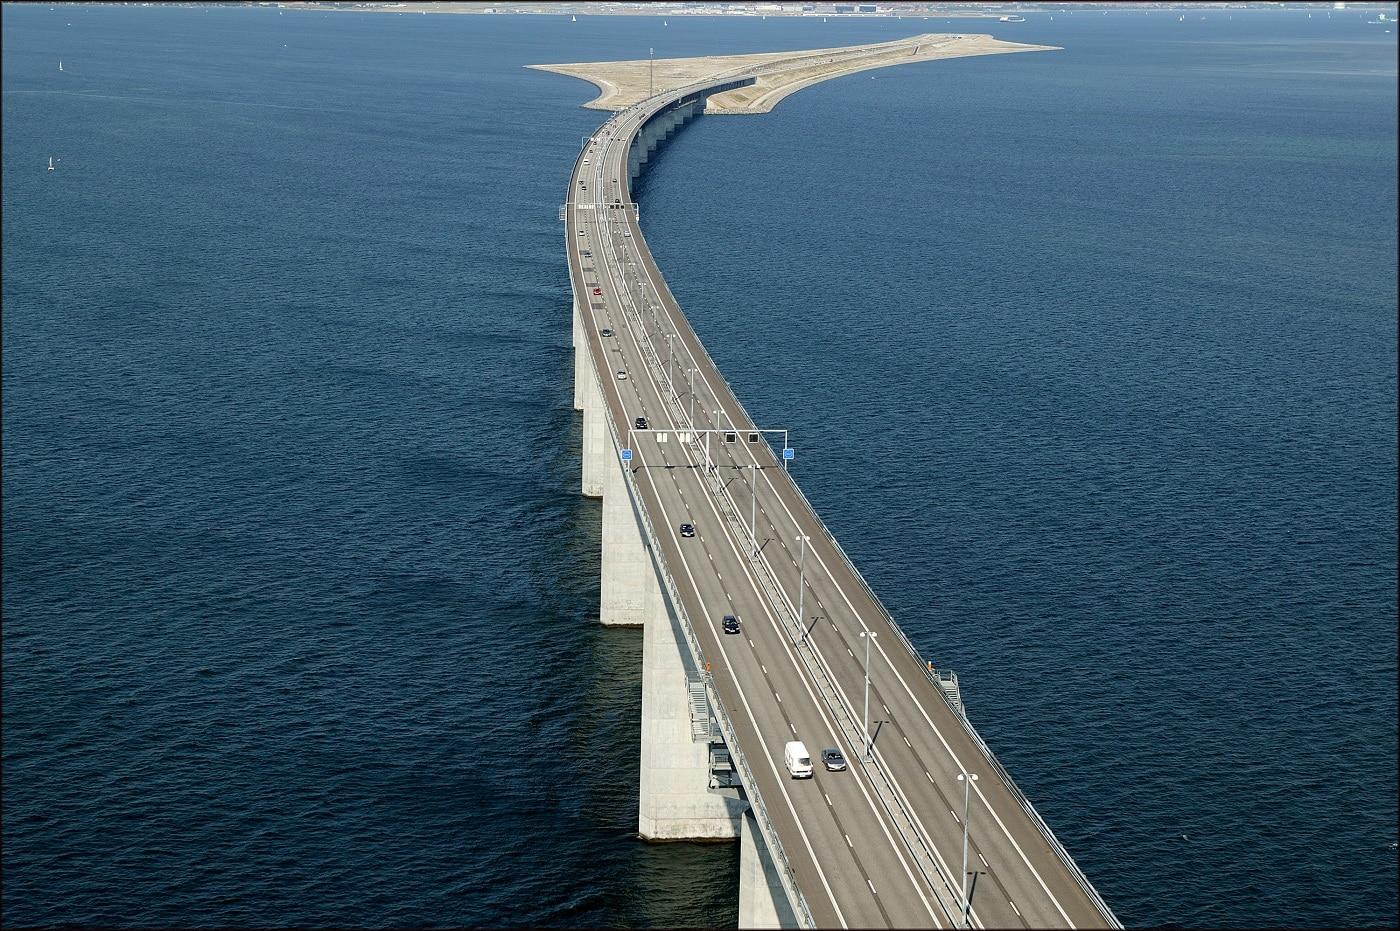 Podul Oresund facilitează accesul dintre Danemarca și Suedia